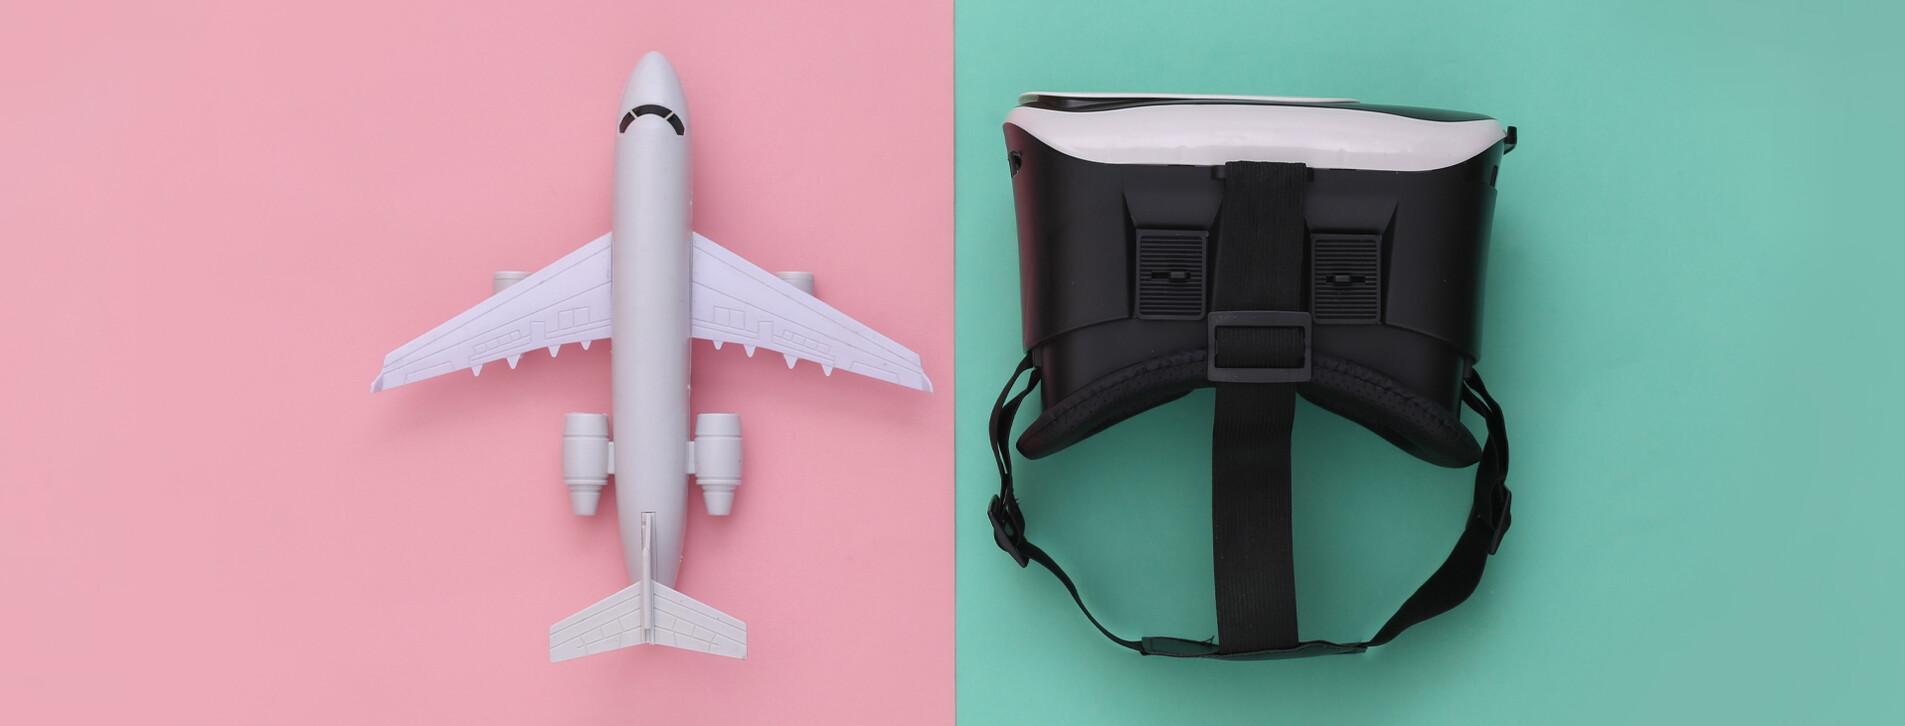 Фото 1 - Полет на авиасимуляторе в VR-очках для двоих